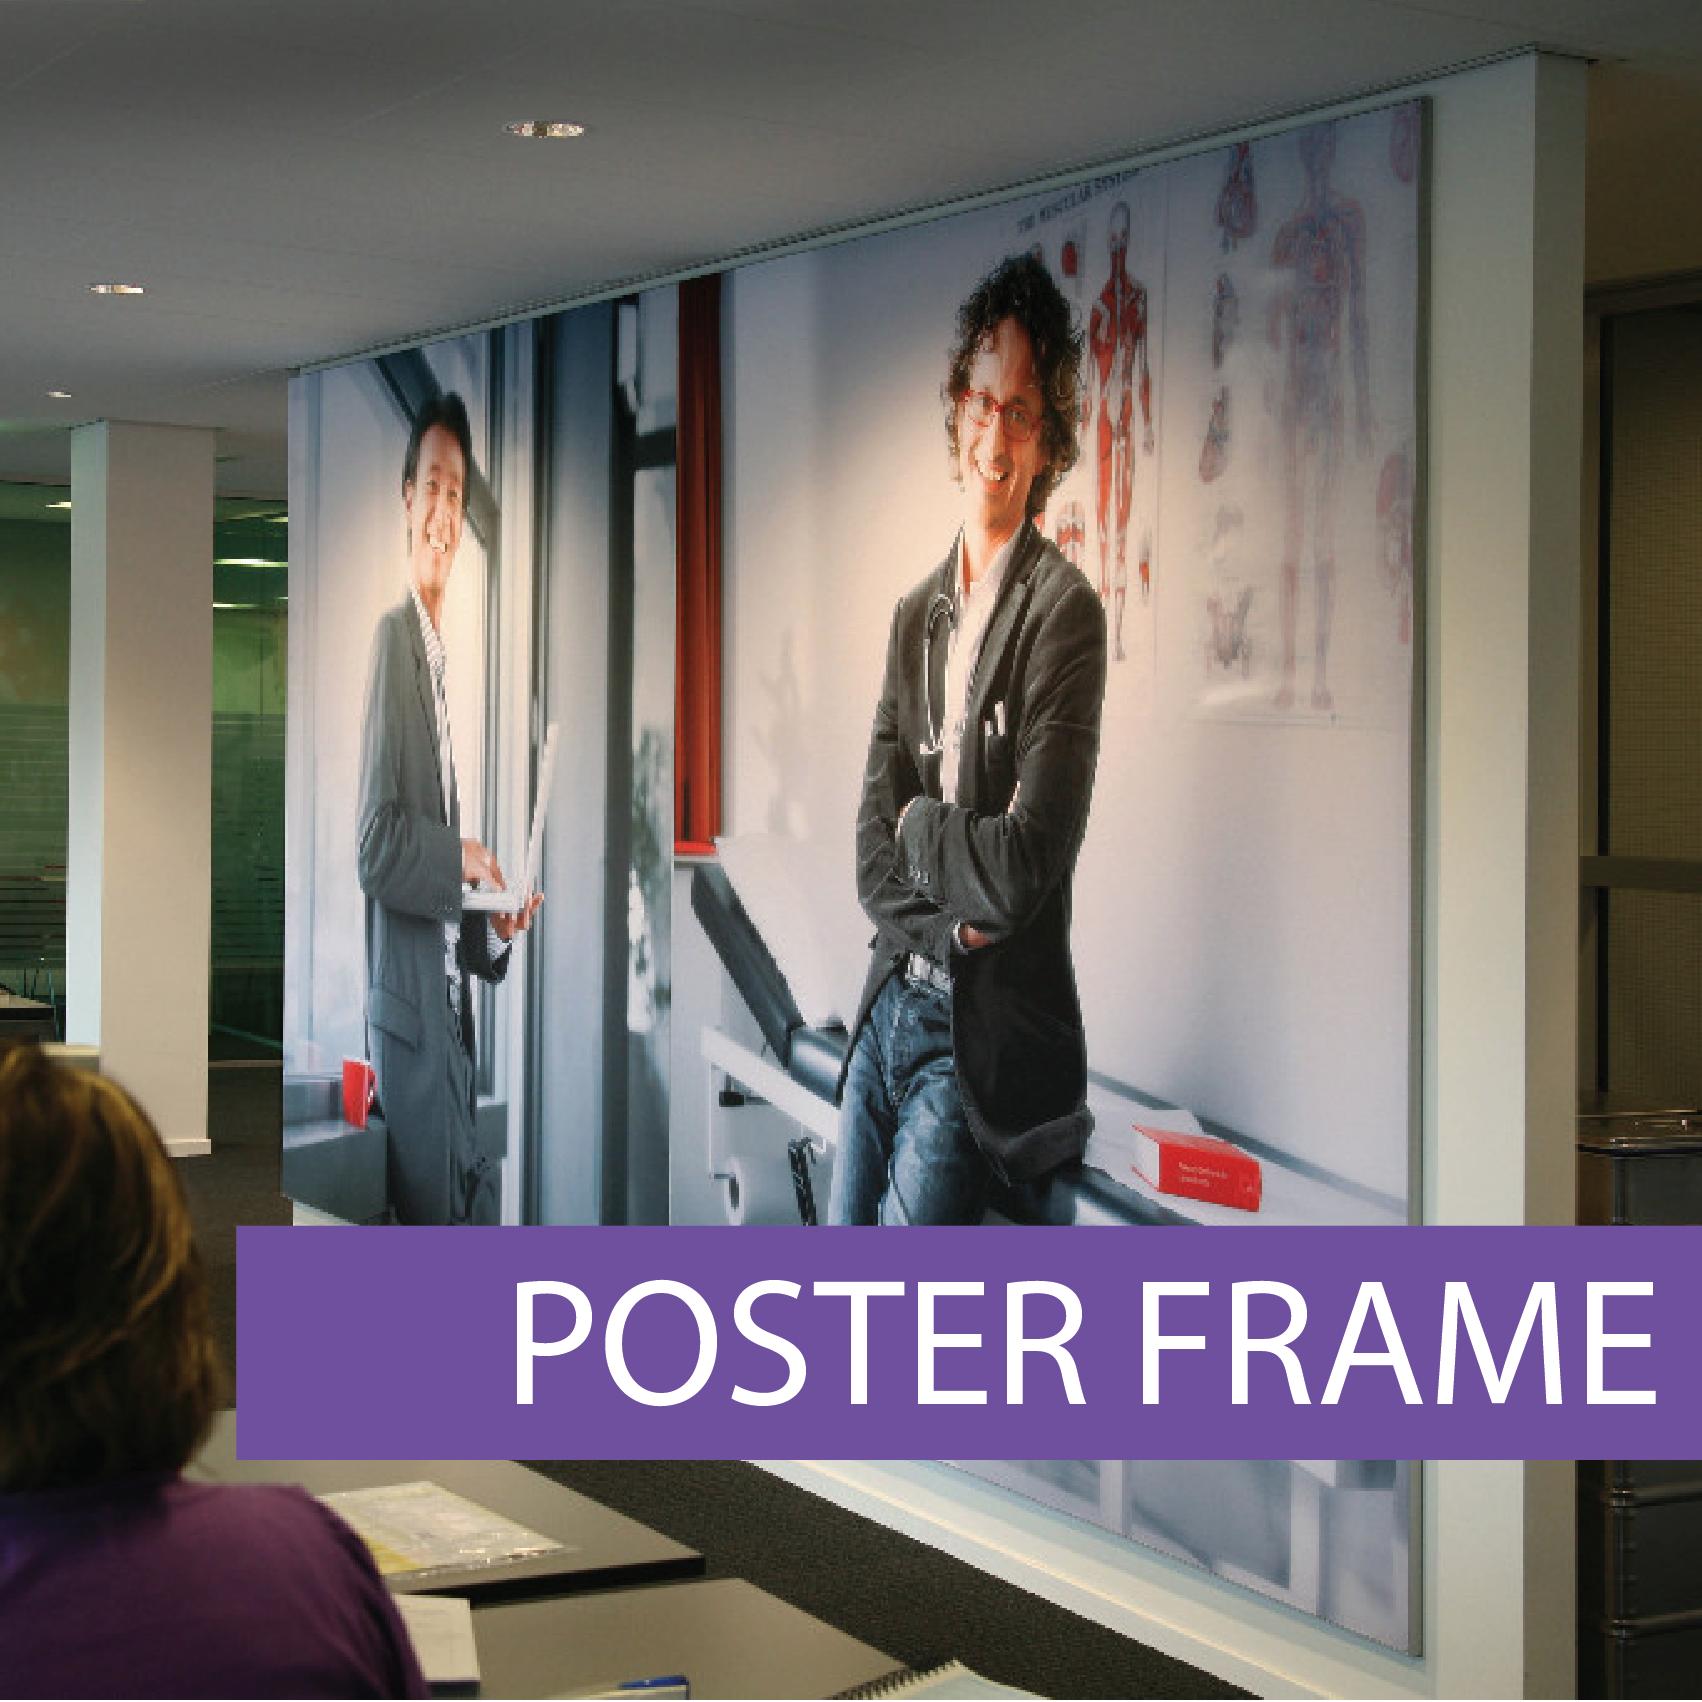 Frameless poster frame